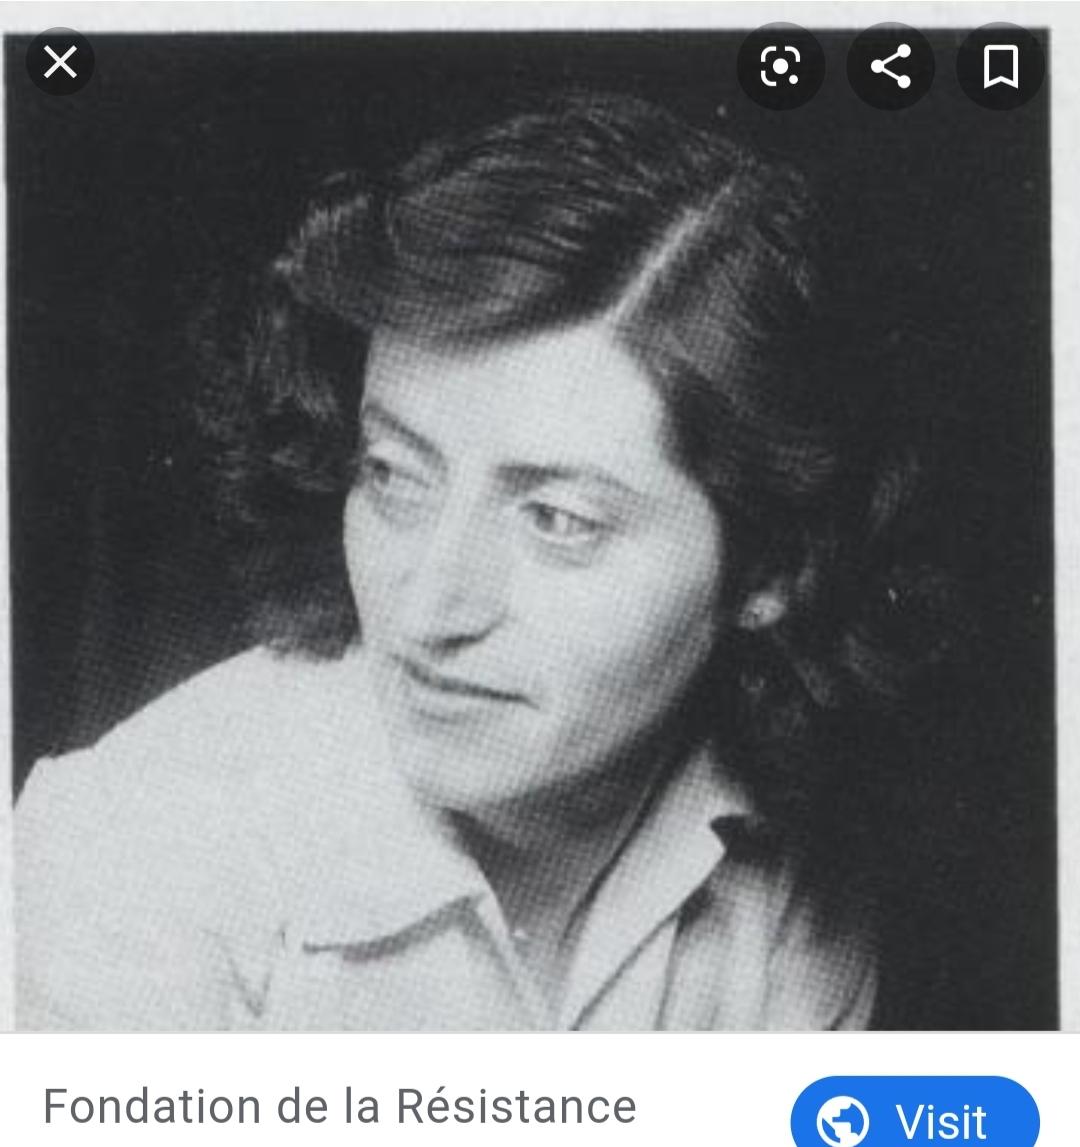 Courtesy of Fondation de la Resistance